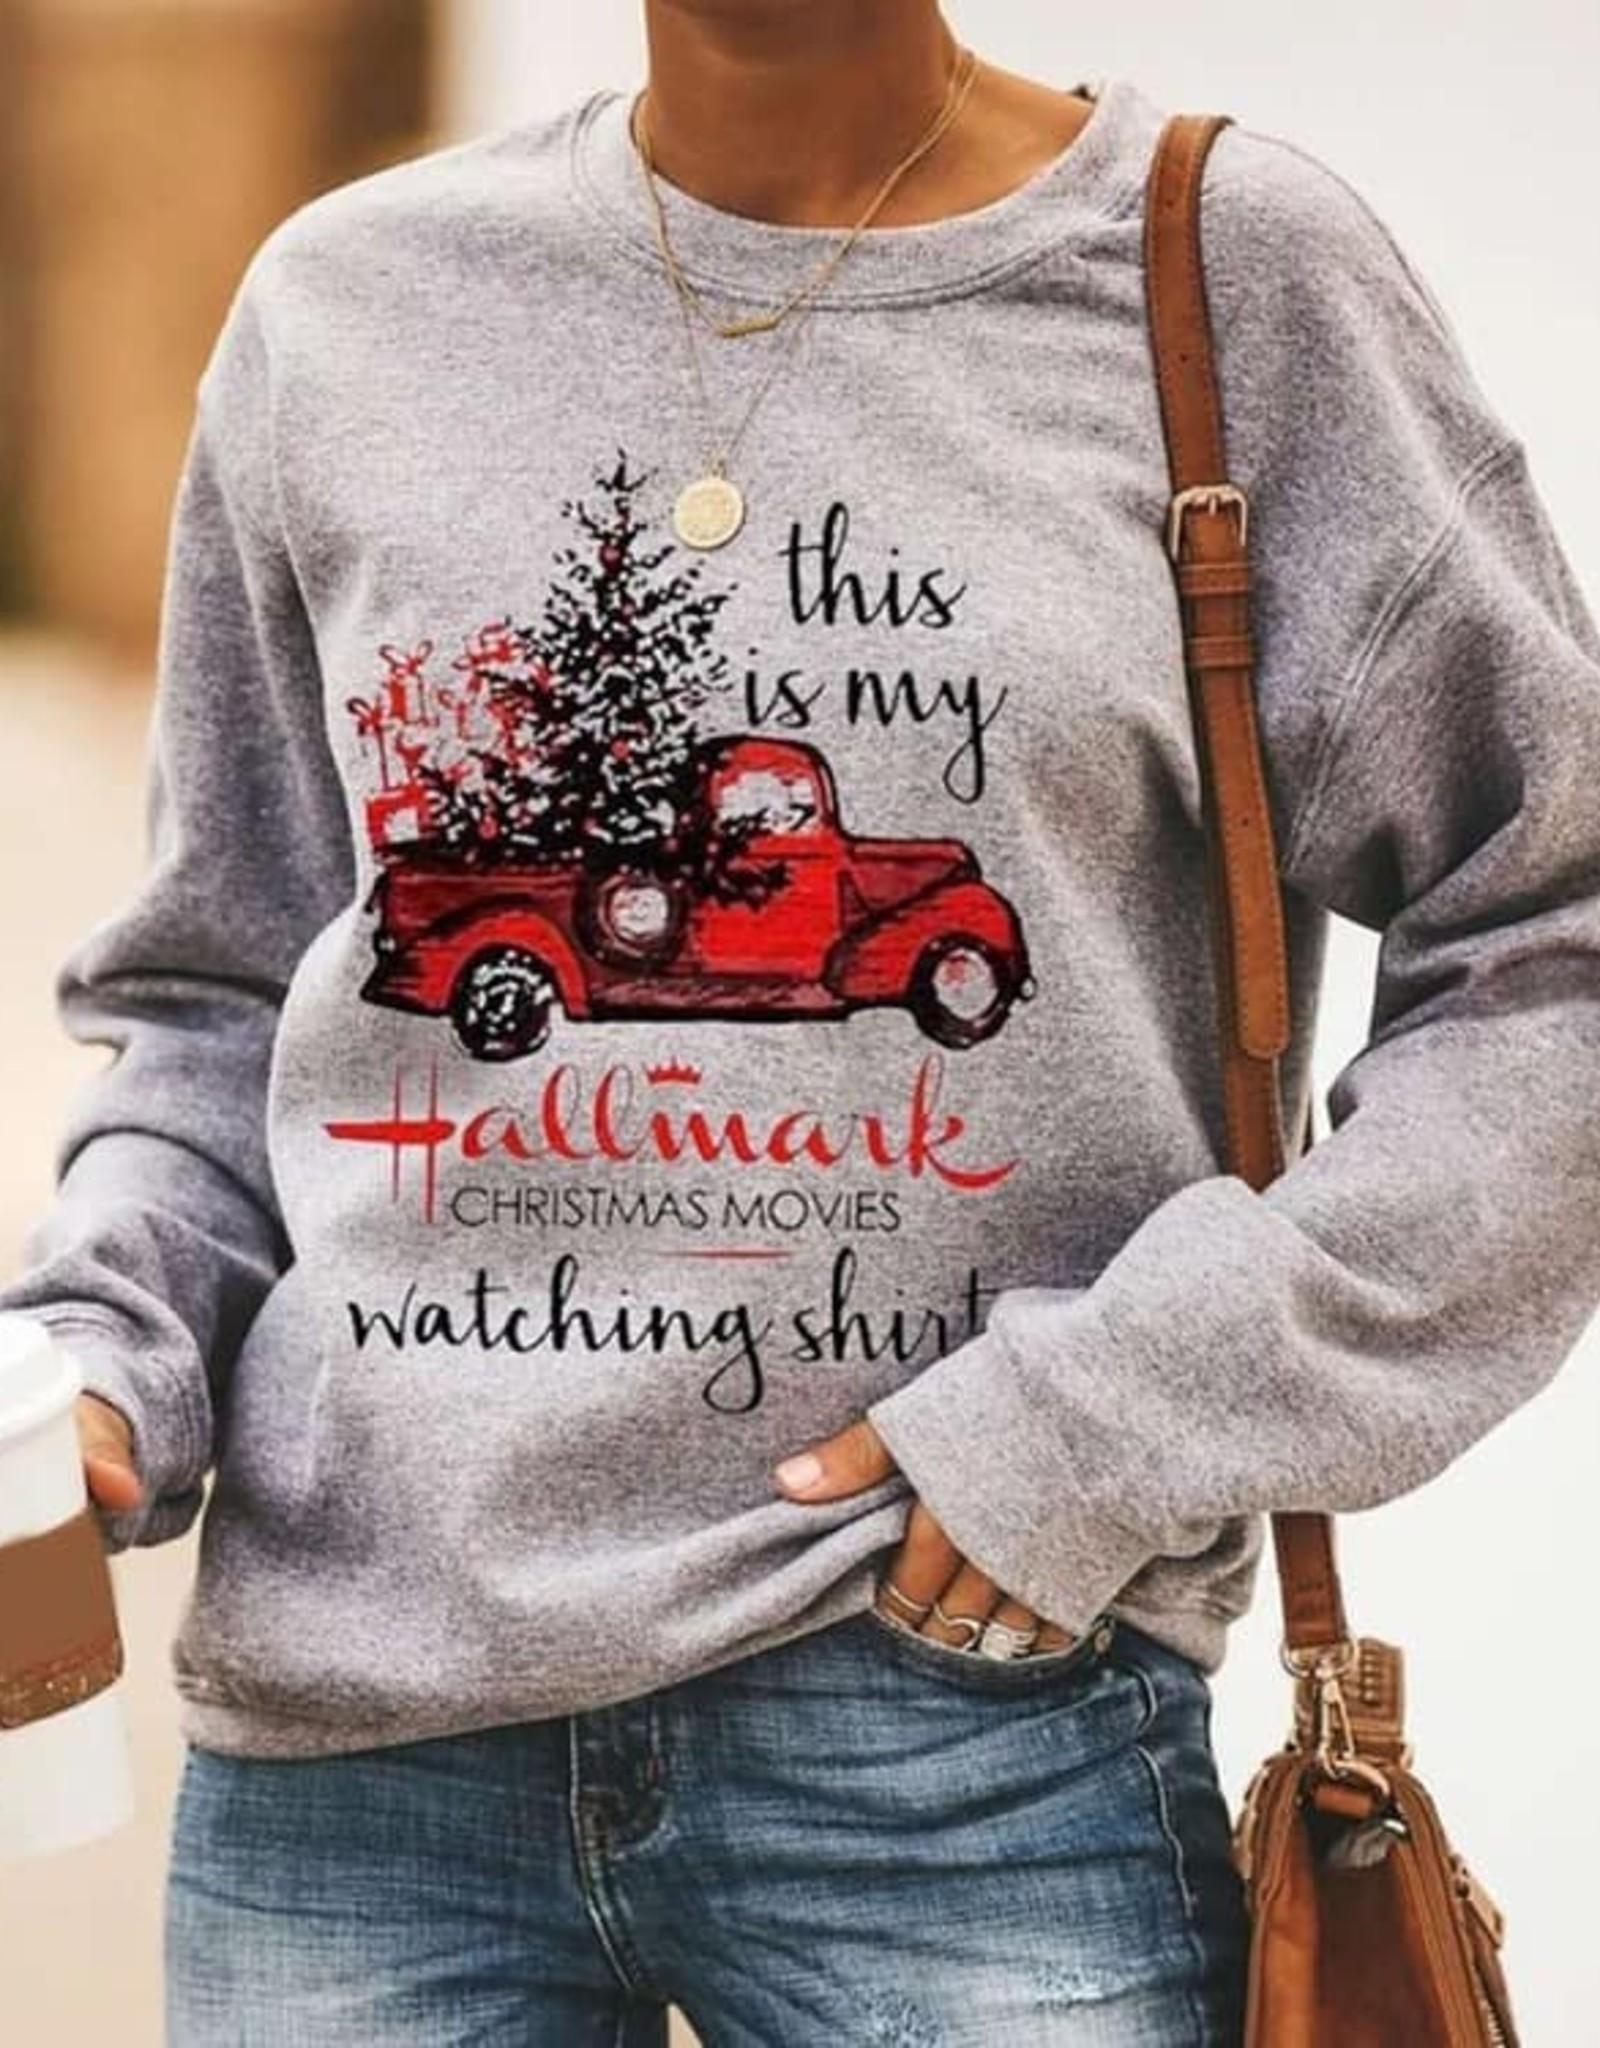 Hallmark Watching Shirt Sweatshirt